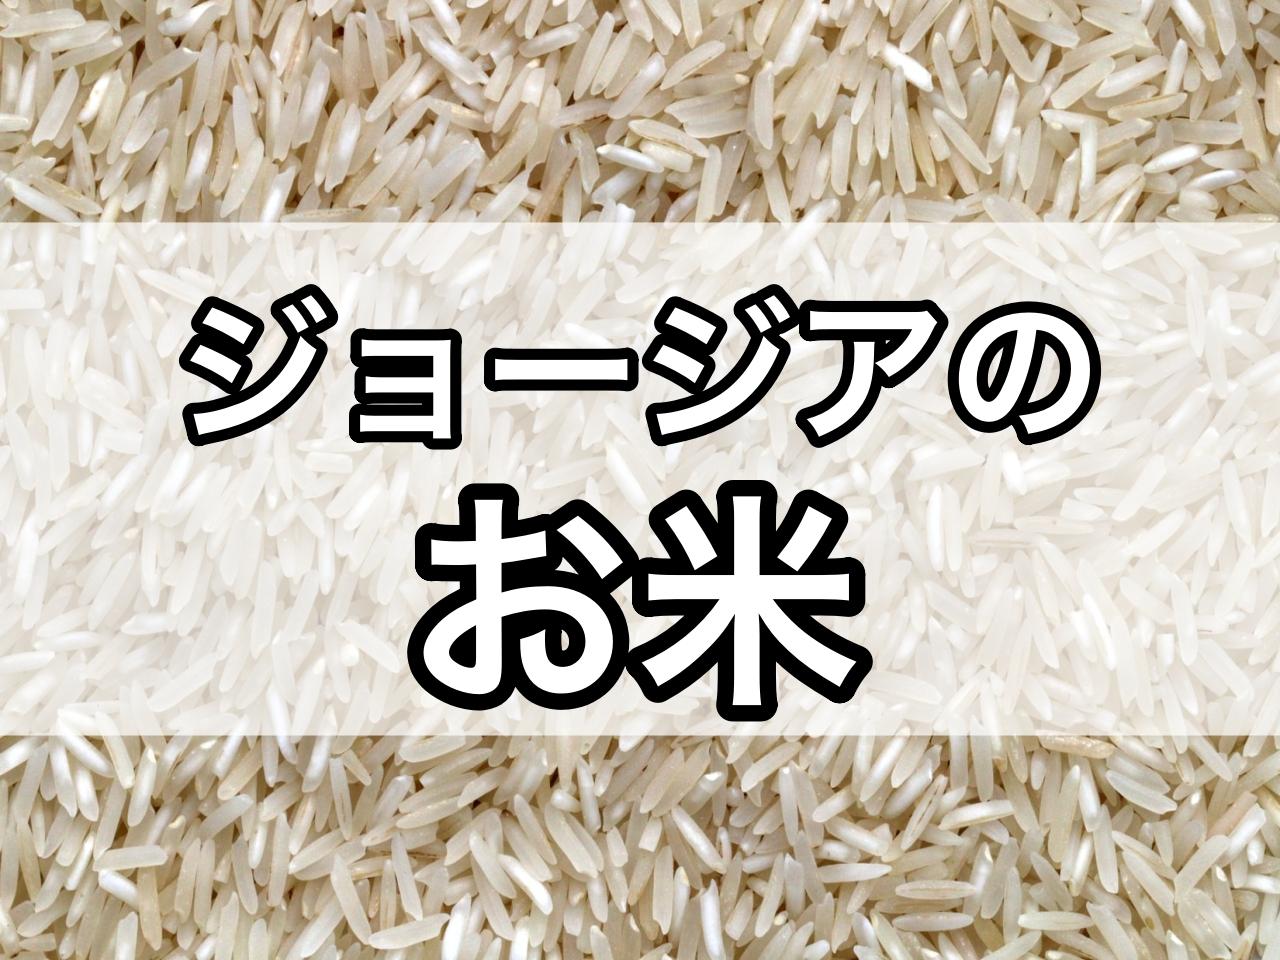 お米とは?トビリシ在住者がジョージアのお米を解説します!